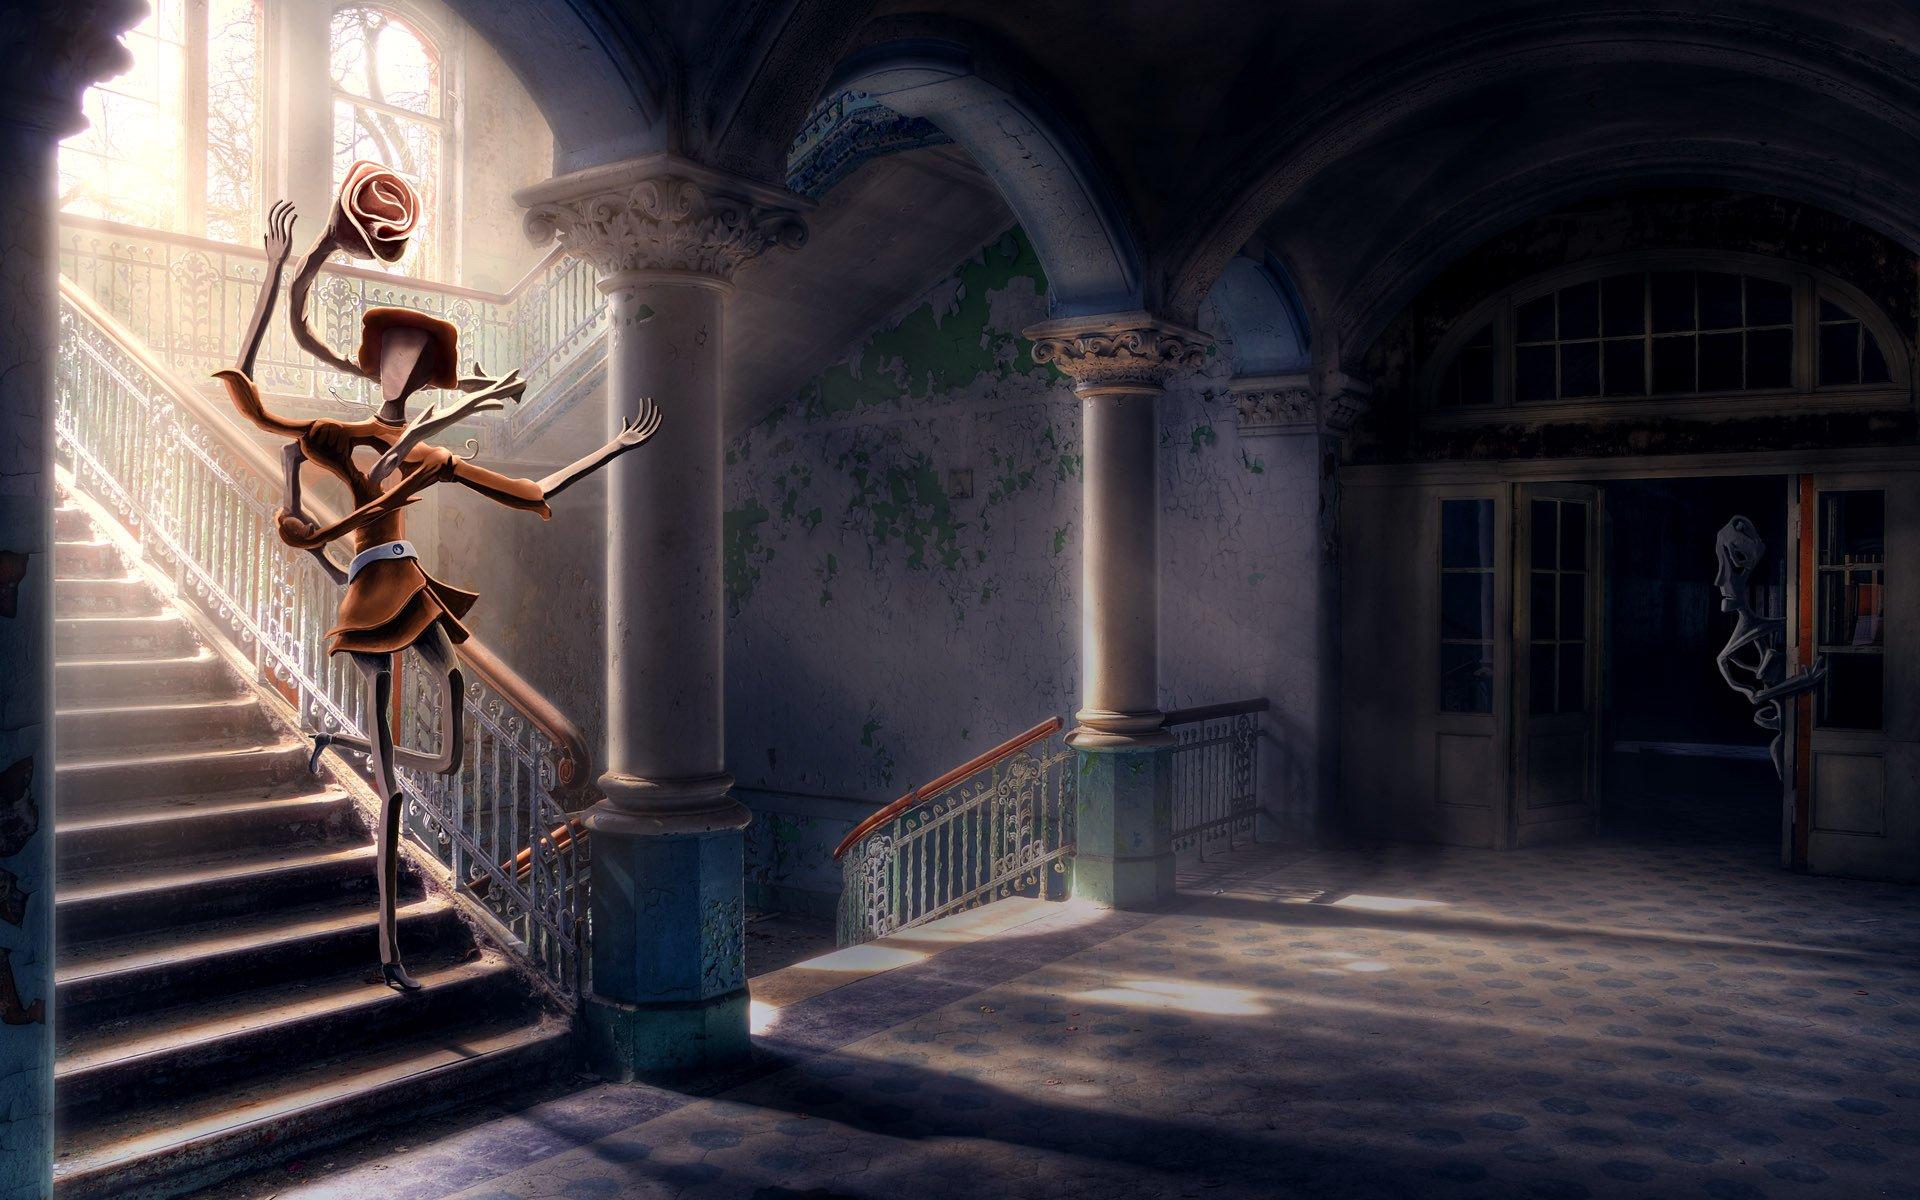 девочка платье свет лестница скачать